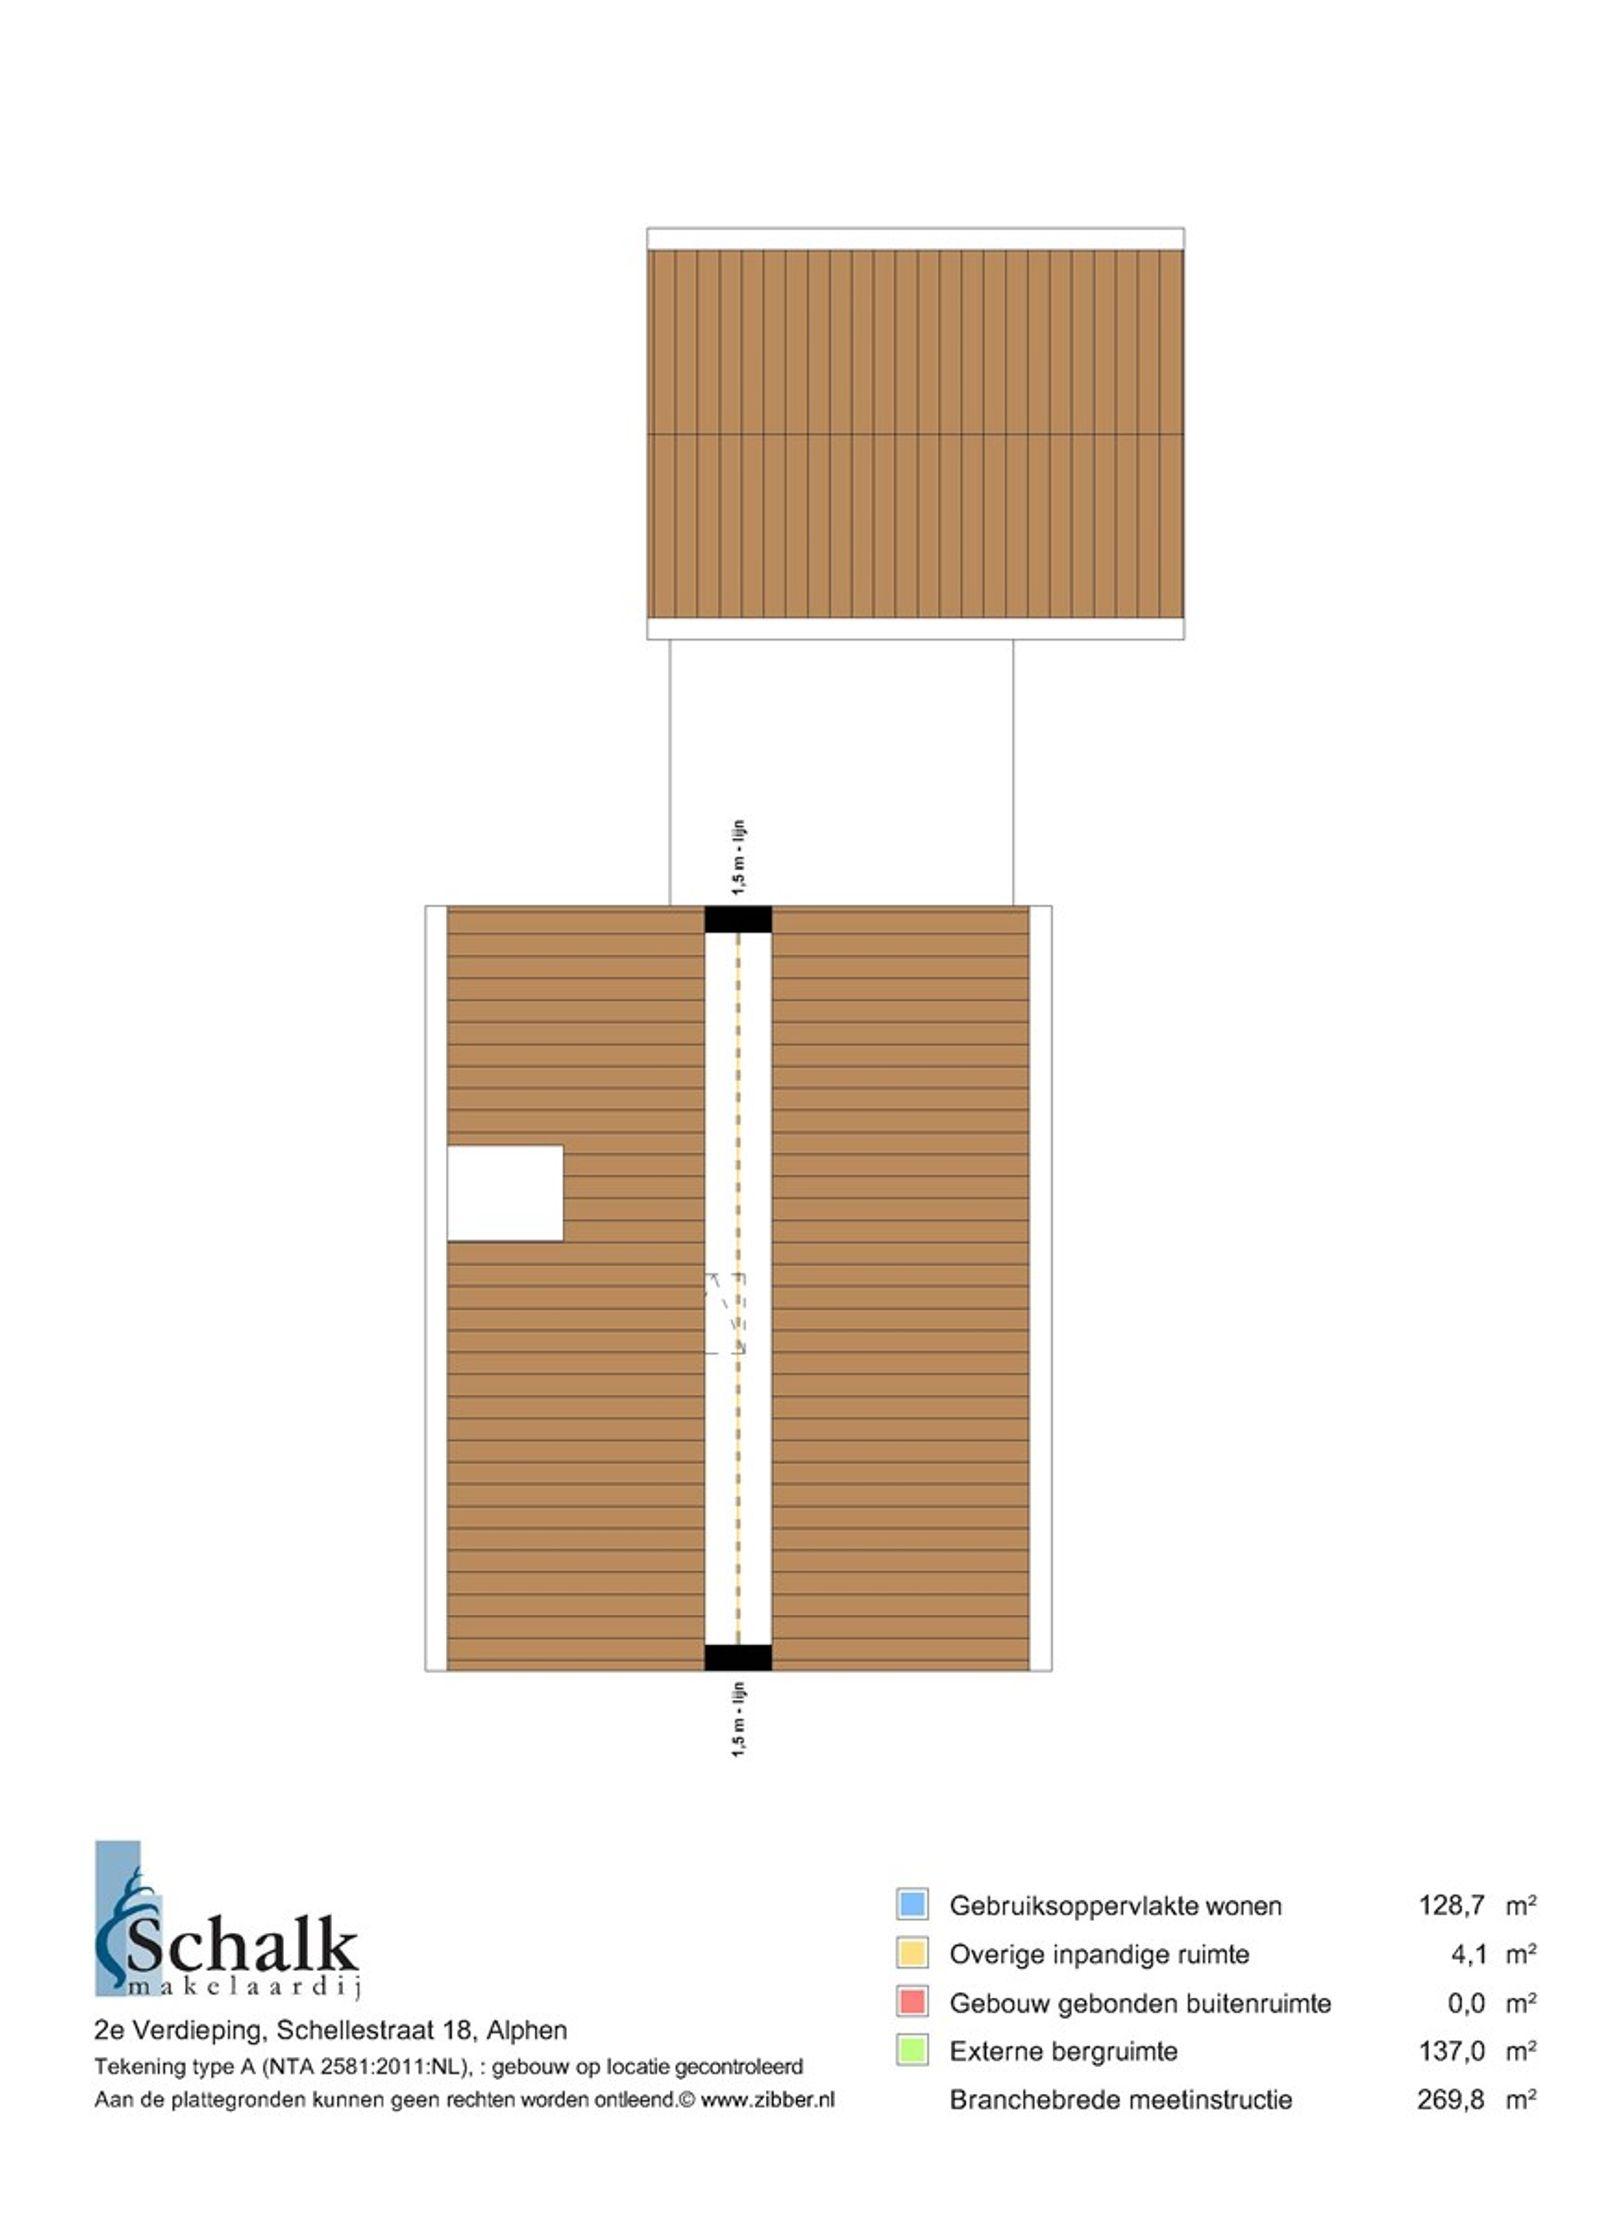 In het buitengebied van Alphen staat deze fraaie vrijstaande woning met ruime oprit en prachtige cottage. Naast de vrije ligging met weidse uitzichten zijn ook alle nodige voorzieningen binnen een straal van 2 kilometer aanwezig.   De woning is fraai afgewerkt en onder andere voorzien van een ruime woonkamer met mooie houten vloer, een woonkeuken, vier slaapkamers waarvan een op de begane grond en een badkamer met douche en ligbad op de begane grond.   De voor- en achtertuin zijn beide verzorgd aangelegd. Op het erf bevindt zich, naast de aanwezige bergruimte, een prachtige cottage. De cottage is voorzien van een ruime woonkamer, keuken, twee badkamers, vier slaapkamers, een carport en aan de achterzijde een mooie houten veranda. Vanuit deze veranda kijk je uit op de landerijen van Alphen. Op deze plek ervaar je ultieme rust en privacy in het groen.   BEGANE GROND  Entree/hal met toegang tot de keuken en vaste trap naar de eerste verdieping. Afwerking- Tegelvloer, deels behangen, deels (grof) stucwerk wanden en gipslaten plafond. Meterkast- 7 groepen, 1 aardlekschakelaar.  Landelijke woonkeuken uitgerust met een granieten werkblad, spoelbak, 4-pits gaskookplaat, afzuigkap, koelkast en kastruimte. Vanuit de keuken is de woonkamer en de praktische bijkeuken bereikbaar. Afwerking- Tegelvloer, stucwerk wanden en gipsplaten plafond.  Zeer ruime woonkamer met houtkachel en houten vloer.  Afwerking- Massief houten vloer, stucwerk wanden en gipsplaten plafond.  Praktische bijkeuken met wasbak en aansluiting voor de wasmachine.  Afwerking- Tegelvloer, wandtegels met daarboven stucwerk en gipsplaten plafond.  Toiletruimte. Afwerking- Tegelvloer, wandtegels en gipsplaten plafond.  Badkamer uitgerust met een ligbad, douche, wastafel. Afwerking- Tegelvloer, wandtegels en gipsplaten plafond.  Slaapkamer 1- Een ruime slaapkamer aan de achterzijde van de woning.  Afwerking- Laminaatvloer, stucwerk wanden en gipsplaten plafond.  EERSTE VERDIEPING  Overloop met toegang tot drie slaap